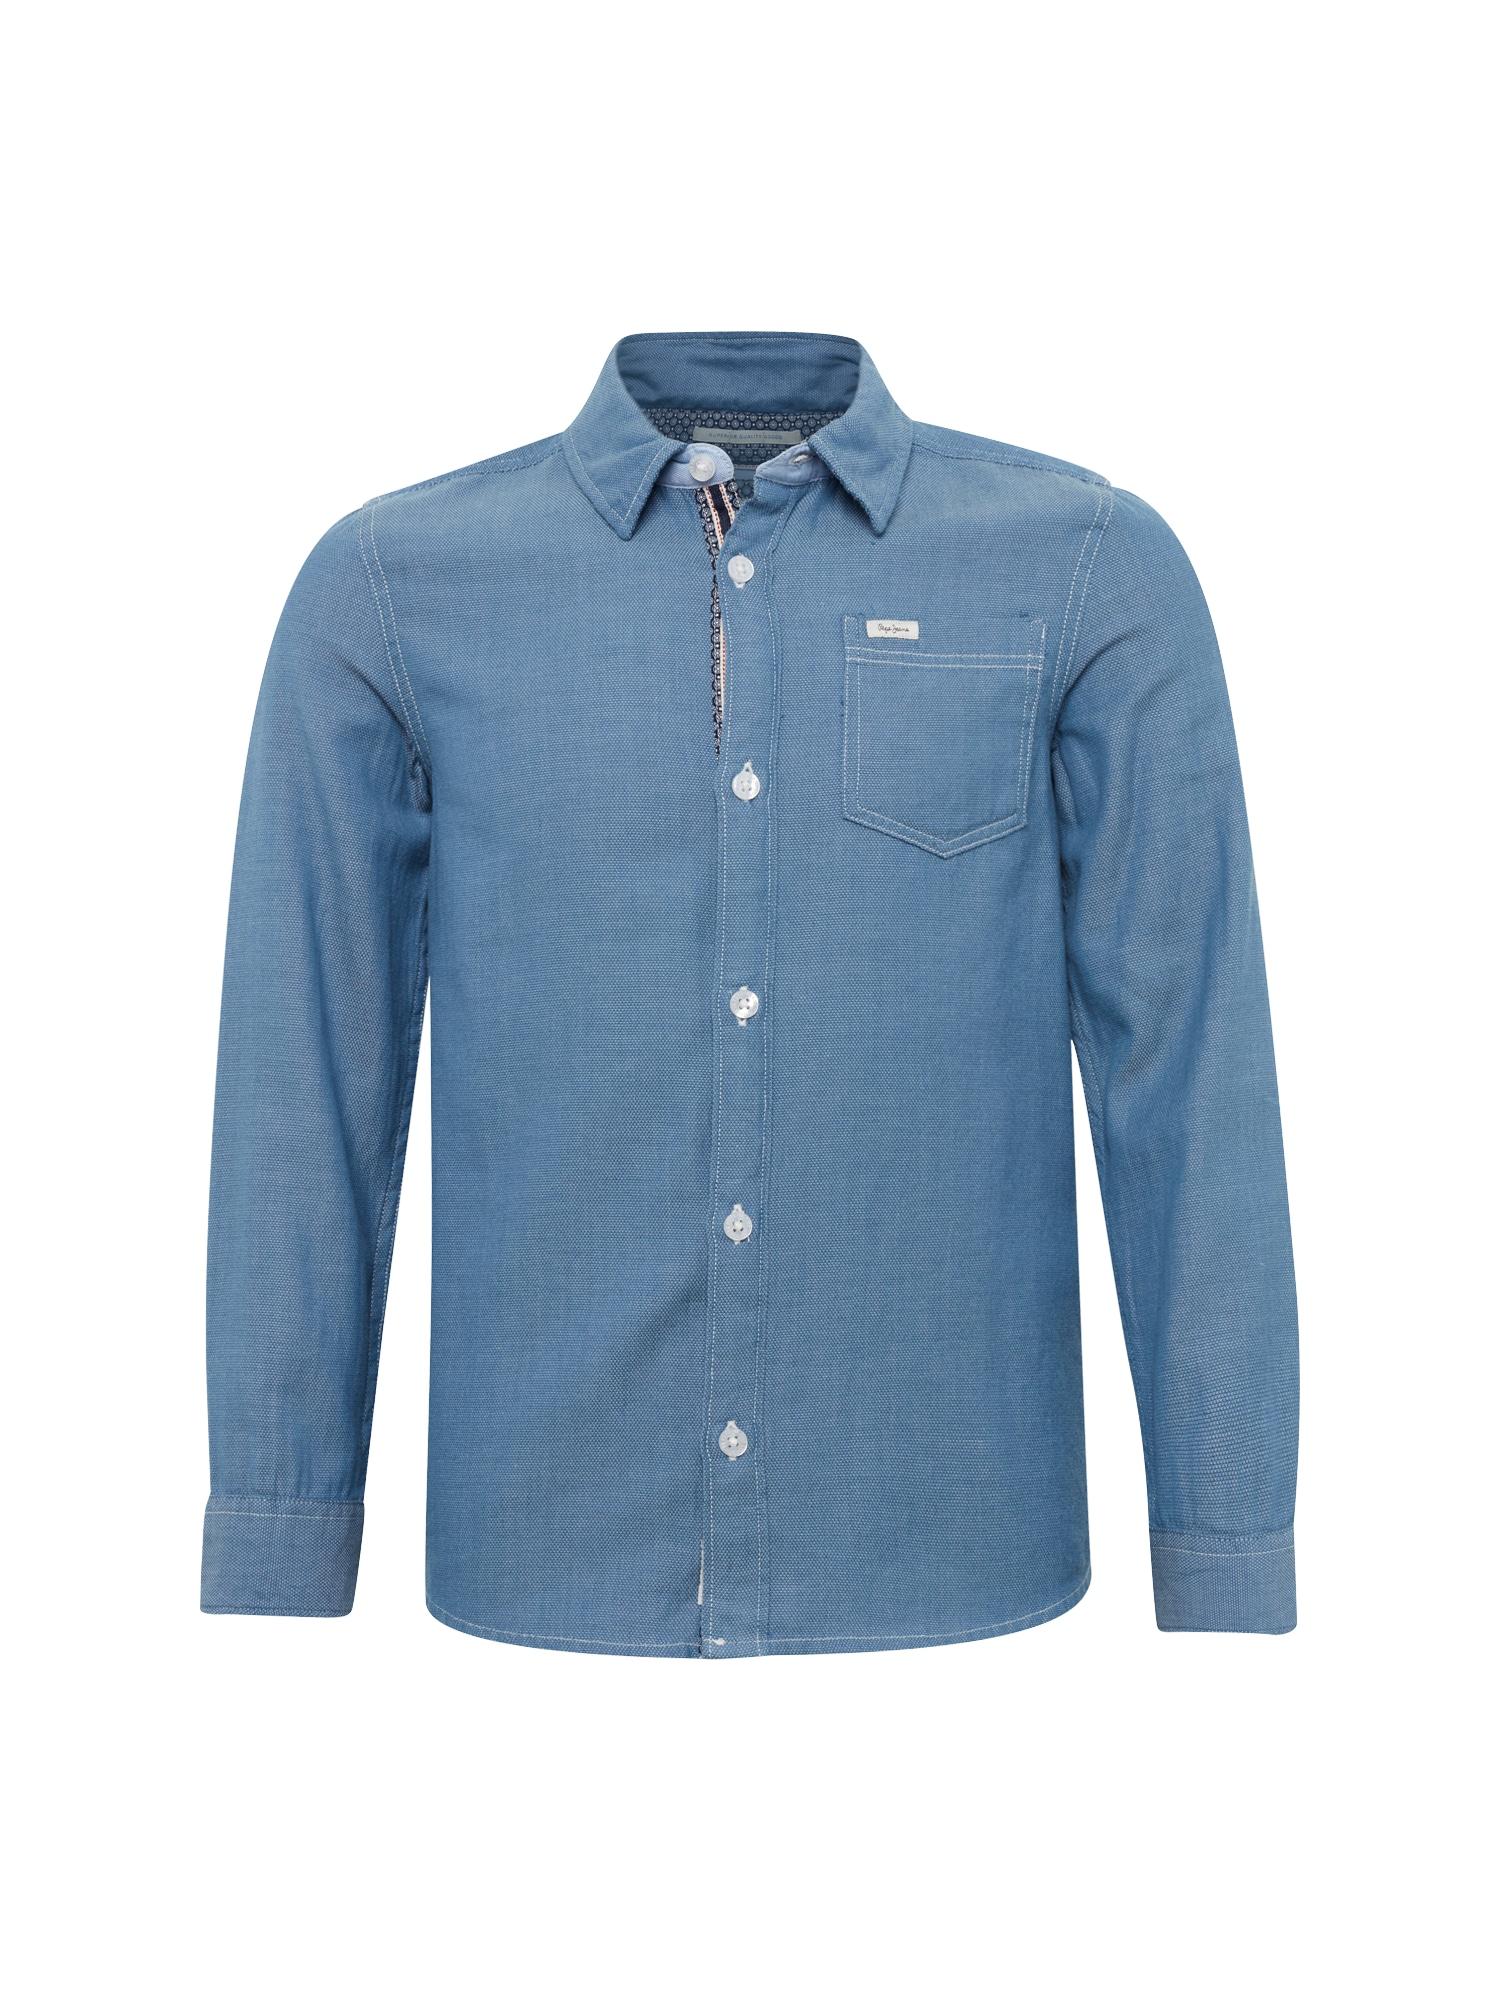 Pepe Jeans Jongens Overhemd MAISON JR blue denim